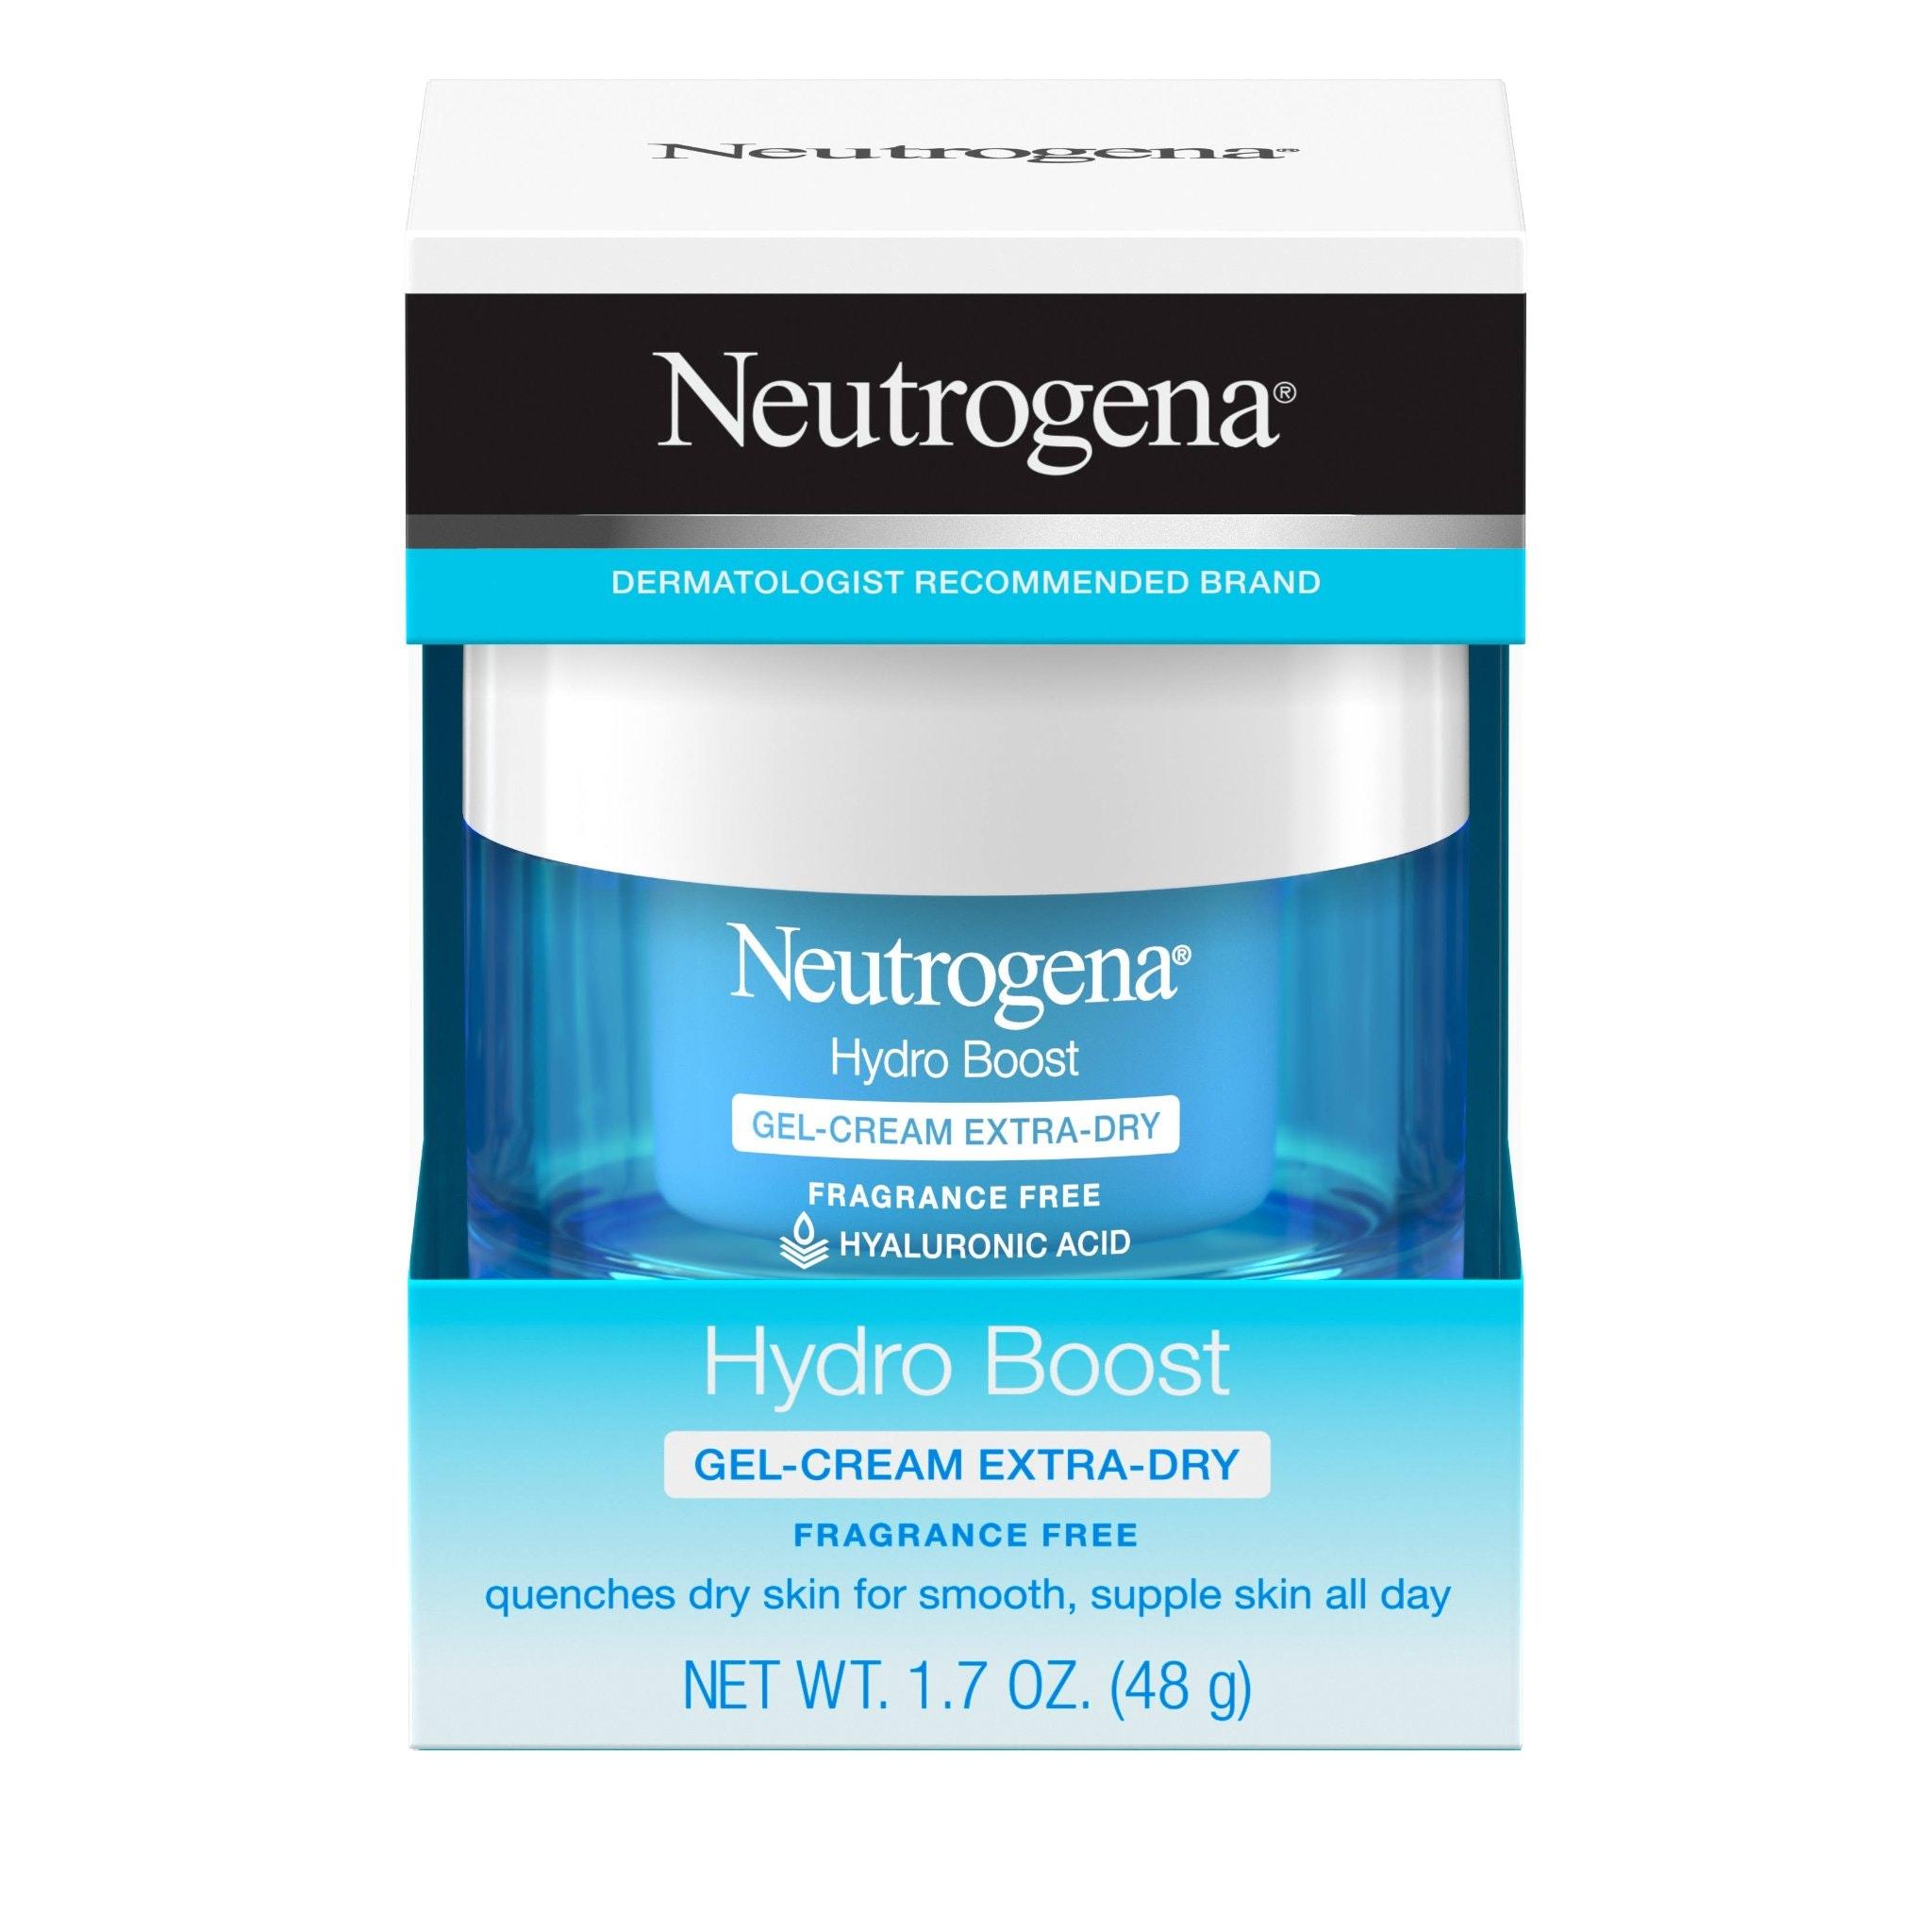 Neutrogena HydroBoost Extra-Dry Moisturizer